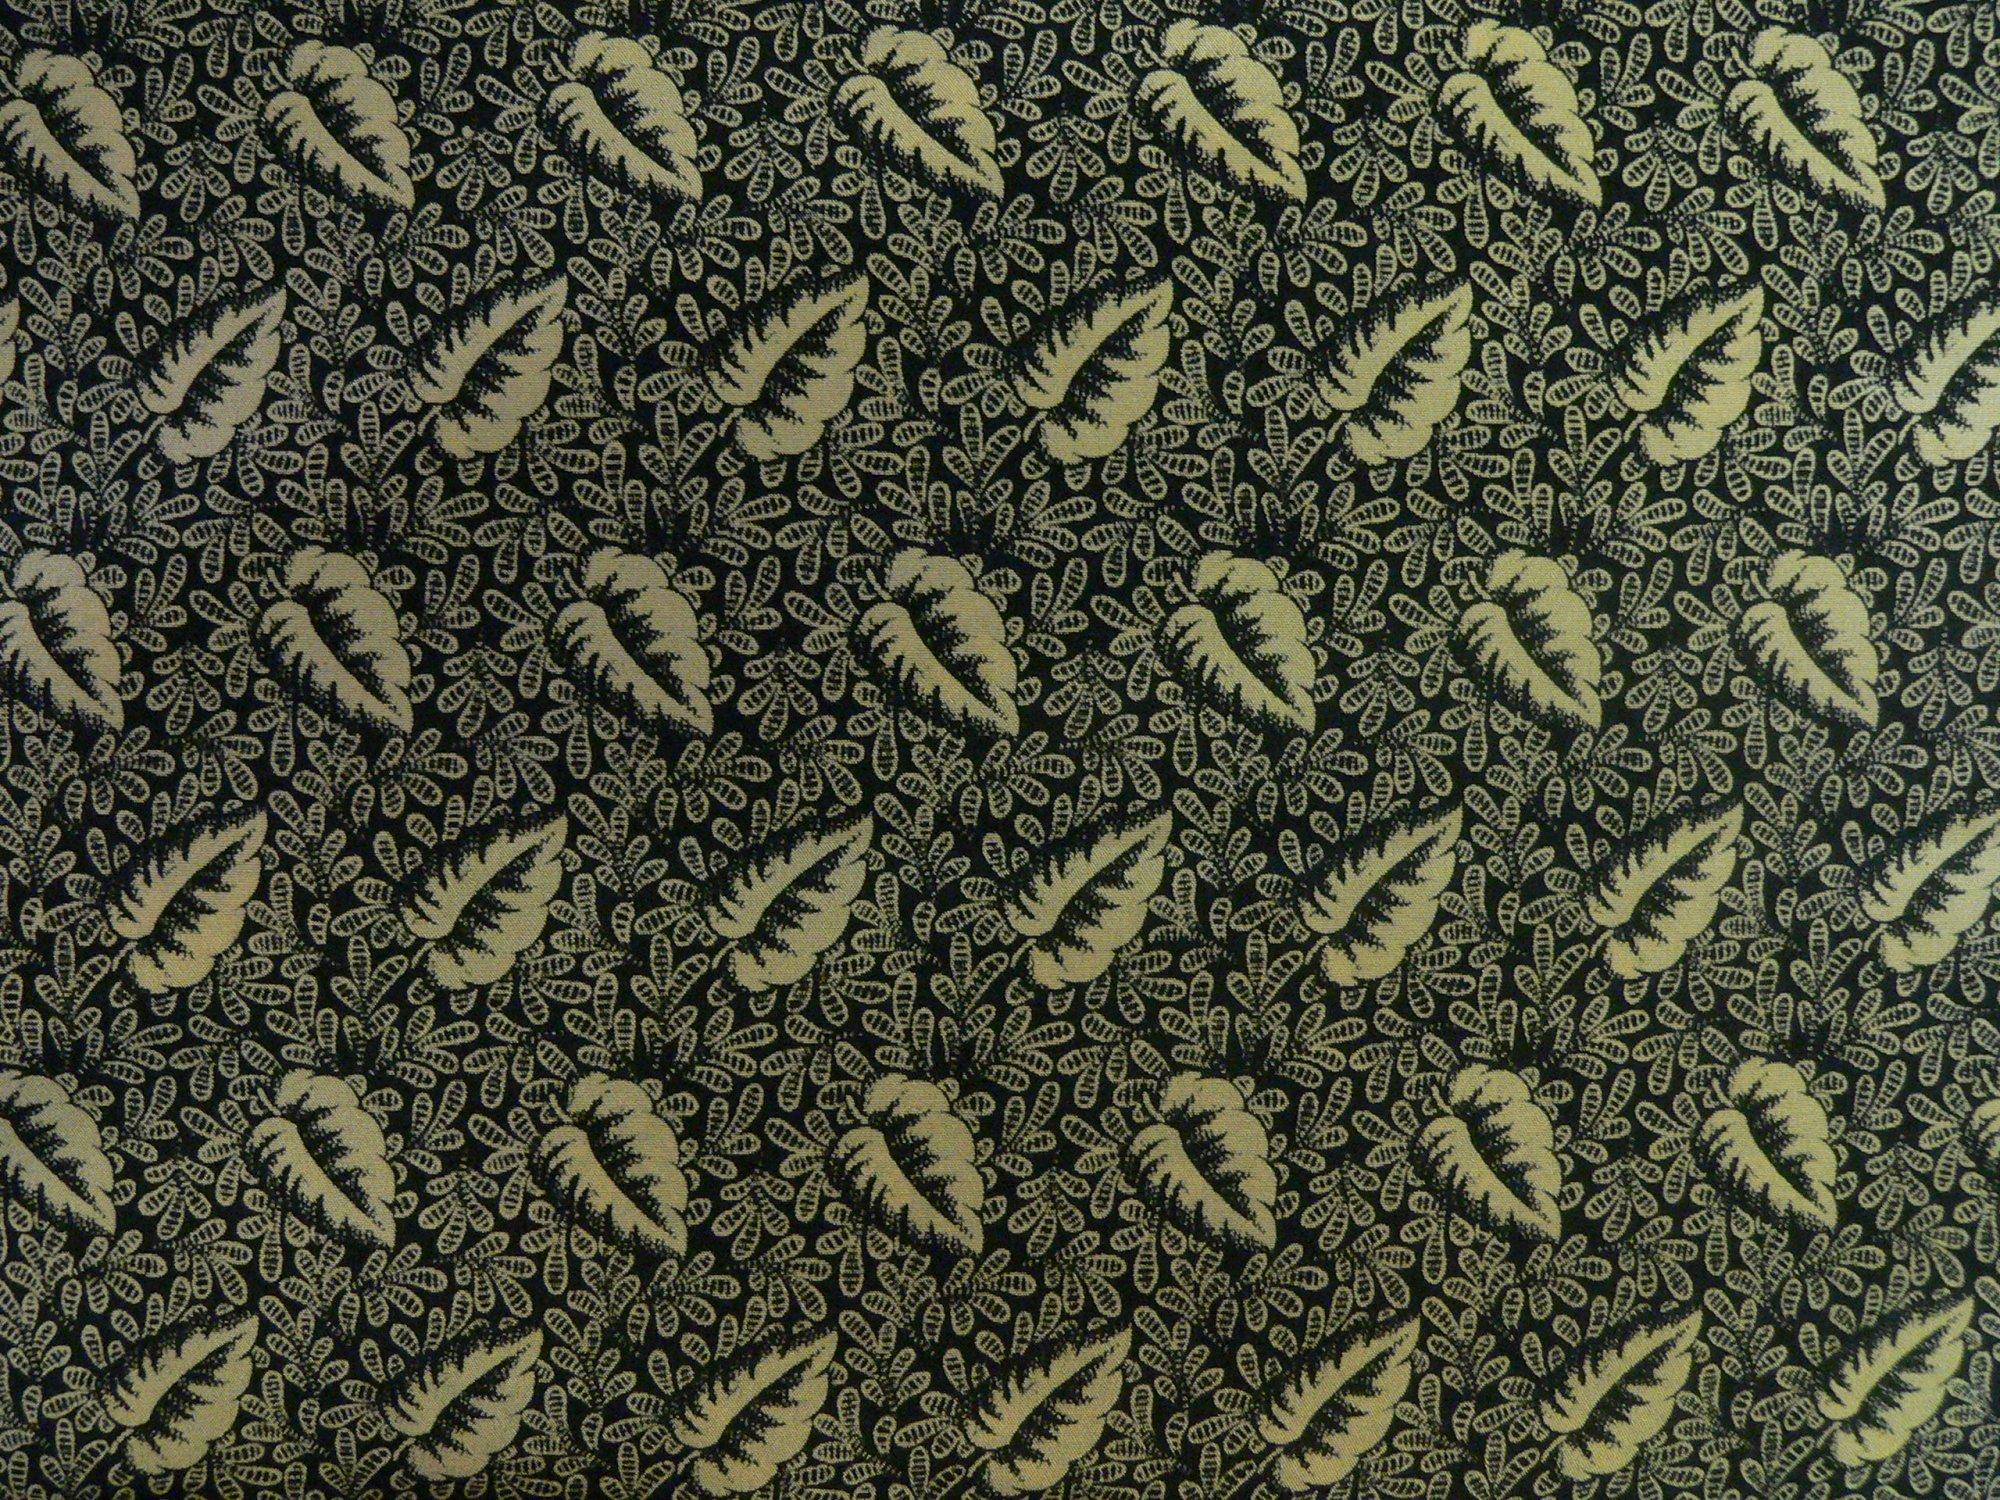 100% silk crepe de chine, printed black/tan